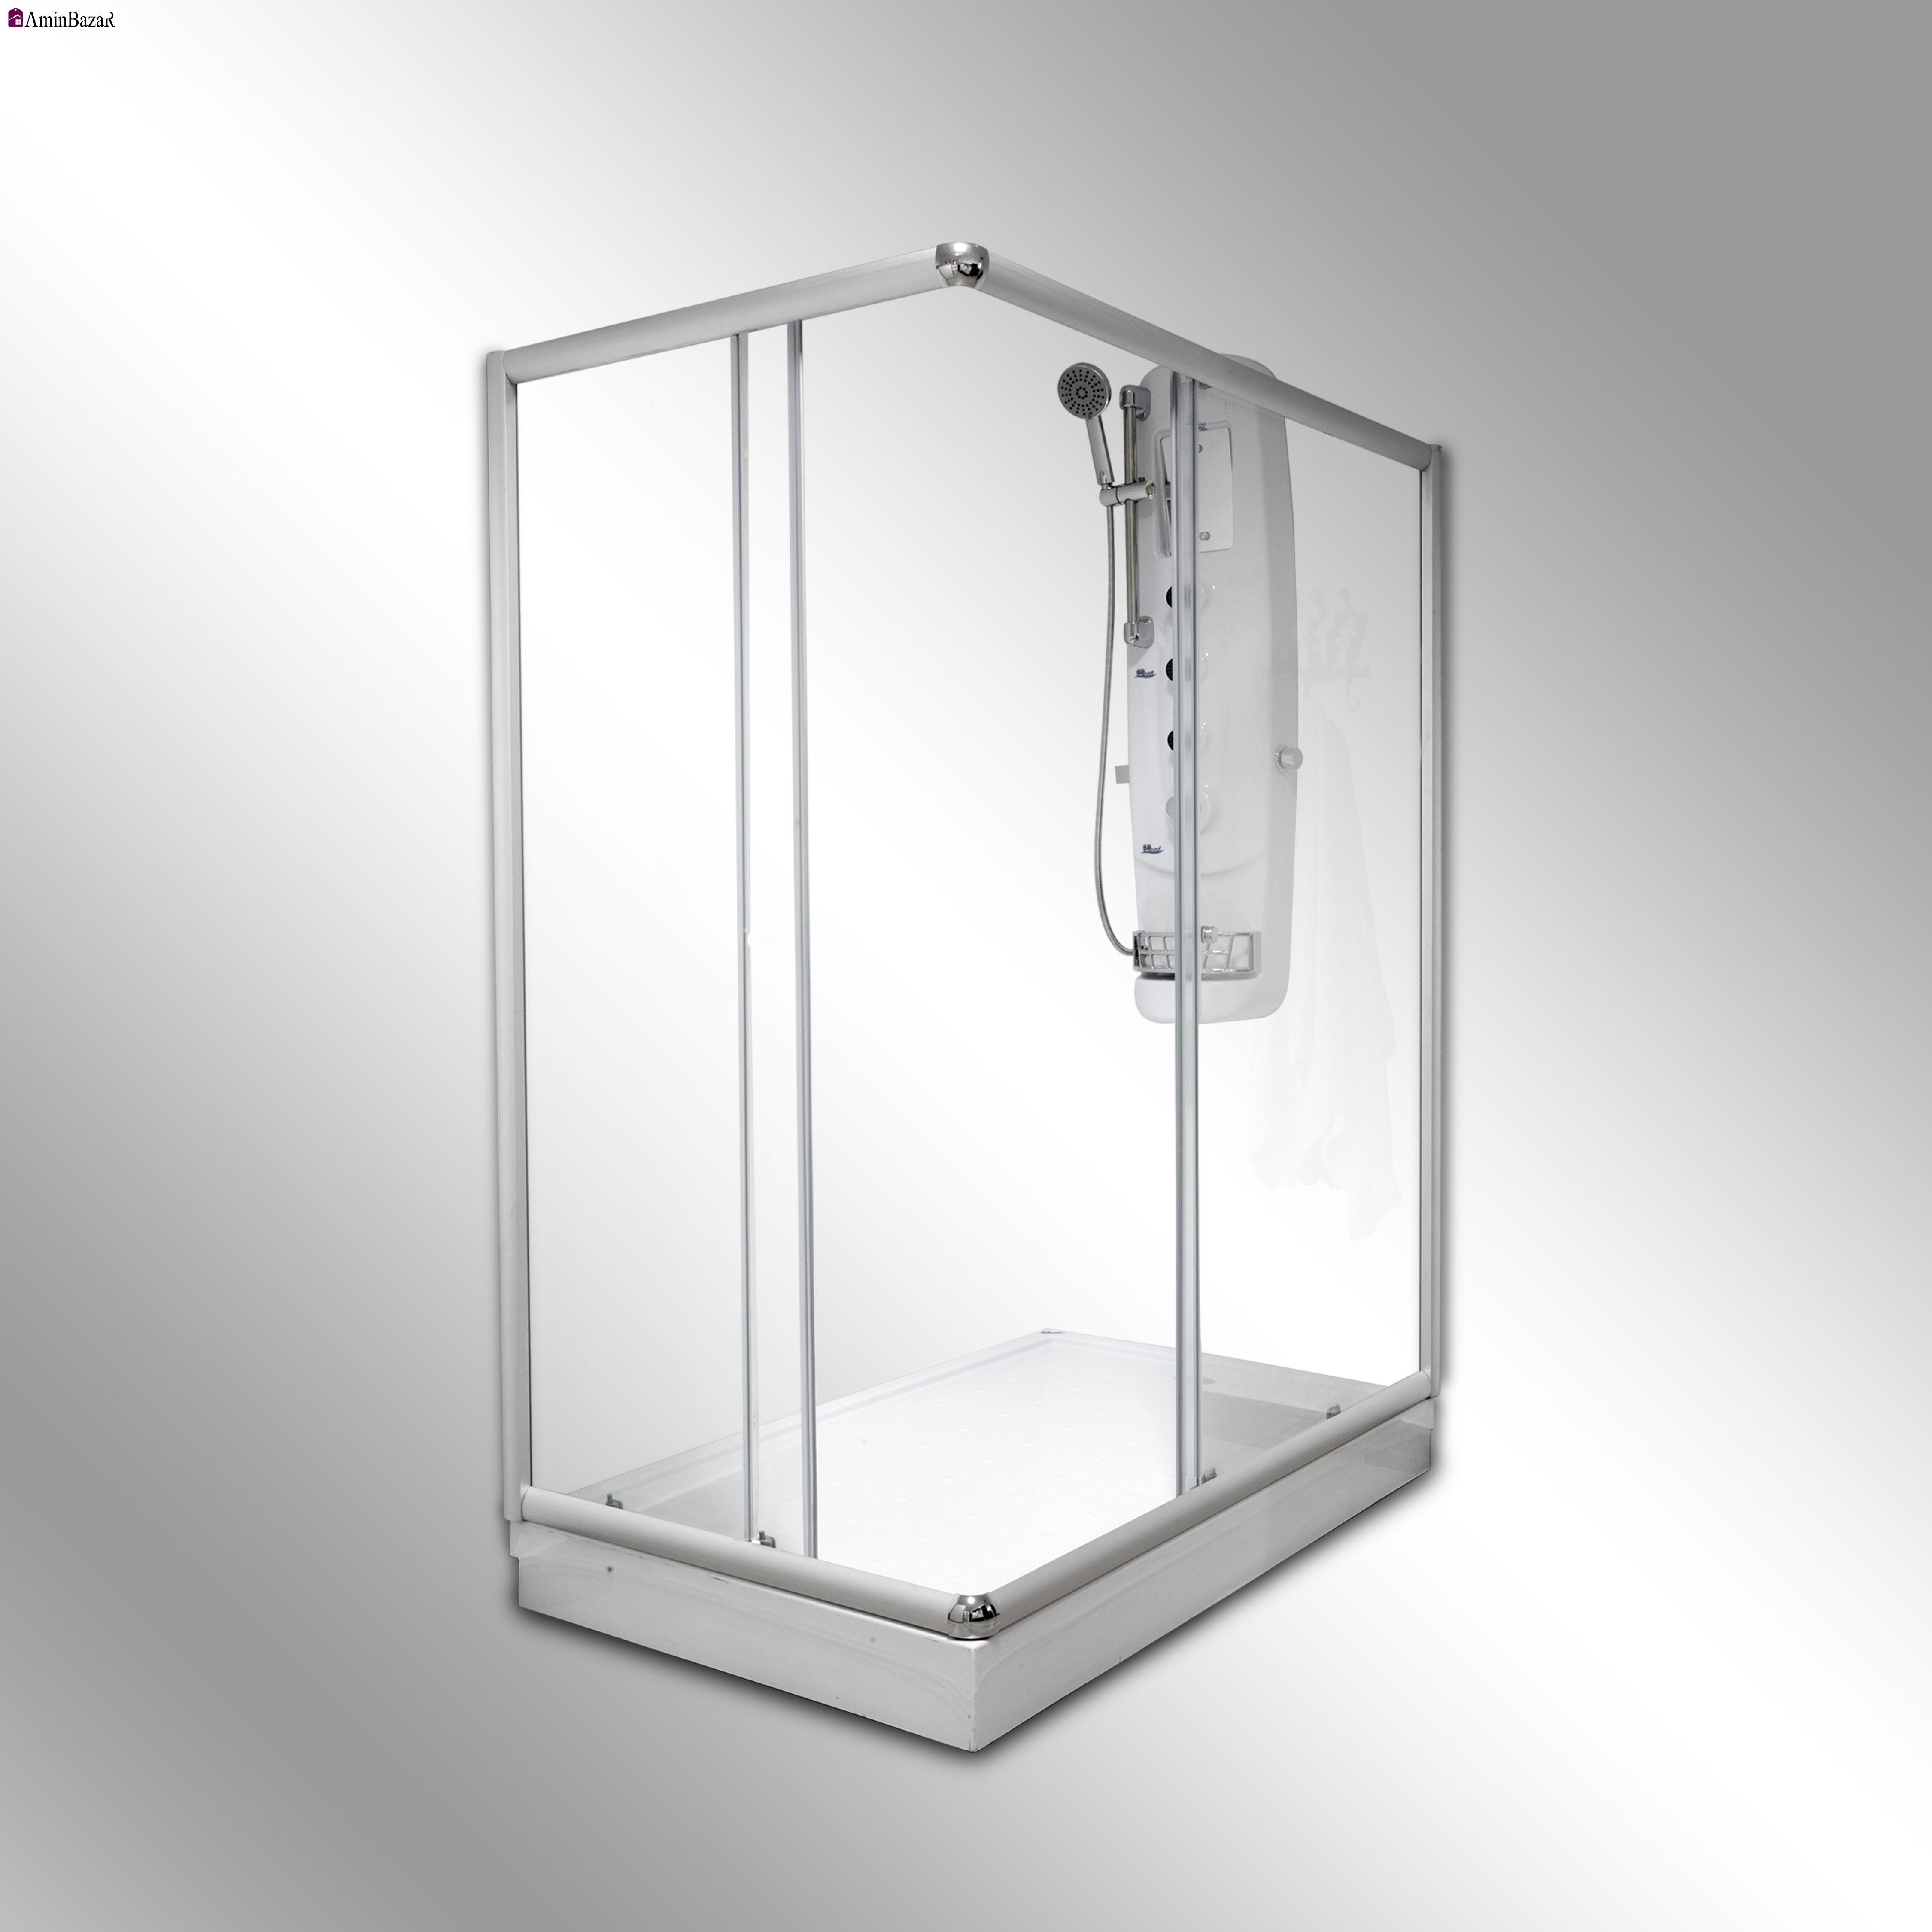 کابين دوش با زيردوشی سنی پلاستیک مدل نلین سایز 210*80*100